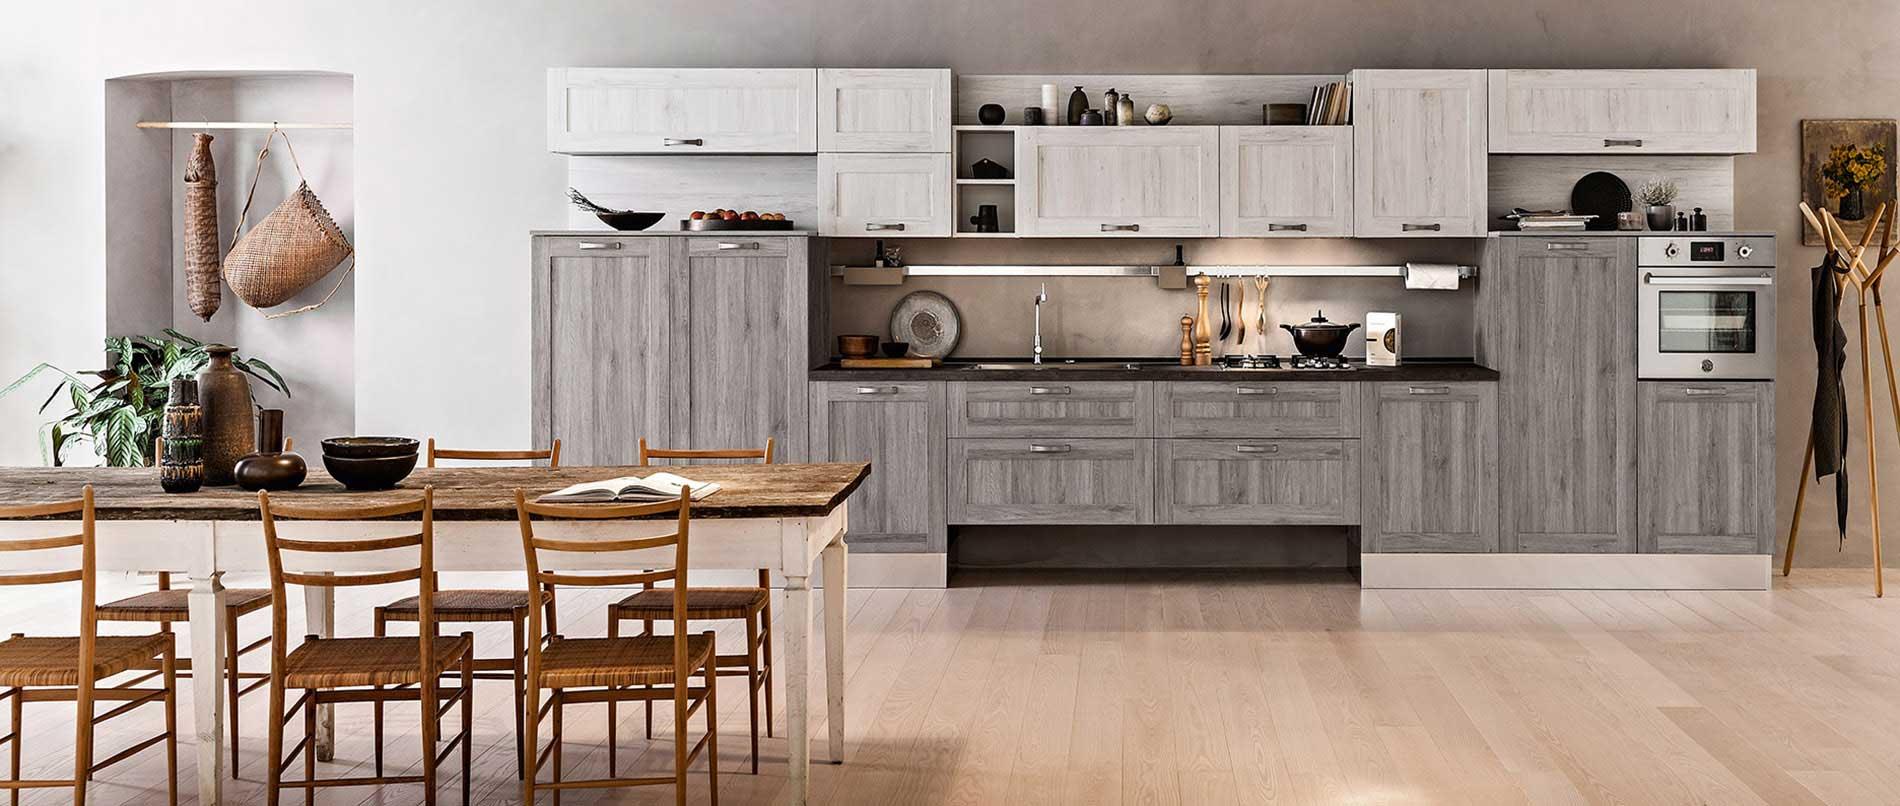 Cuisine déstructurée et équilibrée style vintage, accentué par le choix des façades effet bois chêne gris et blanc, les socles, la crédence en aluminium, et le jeu des niches.